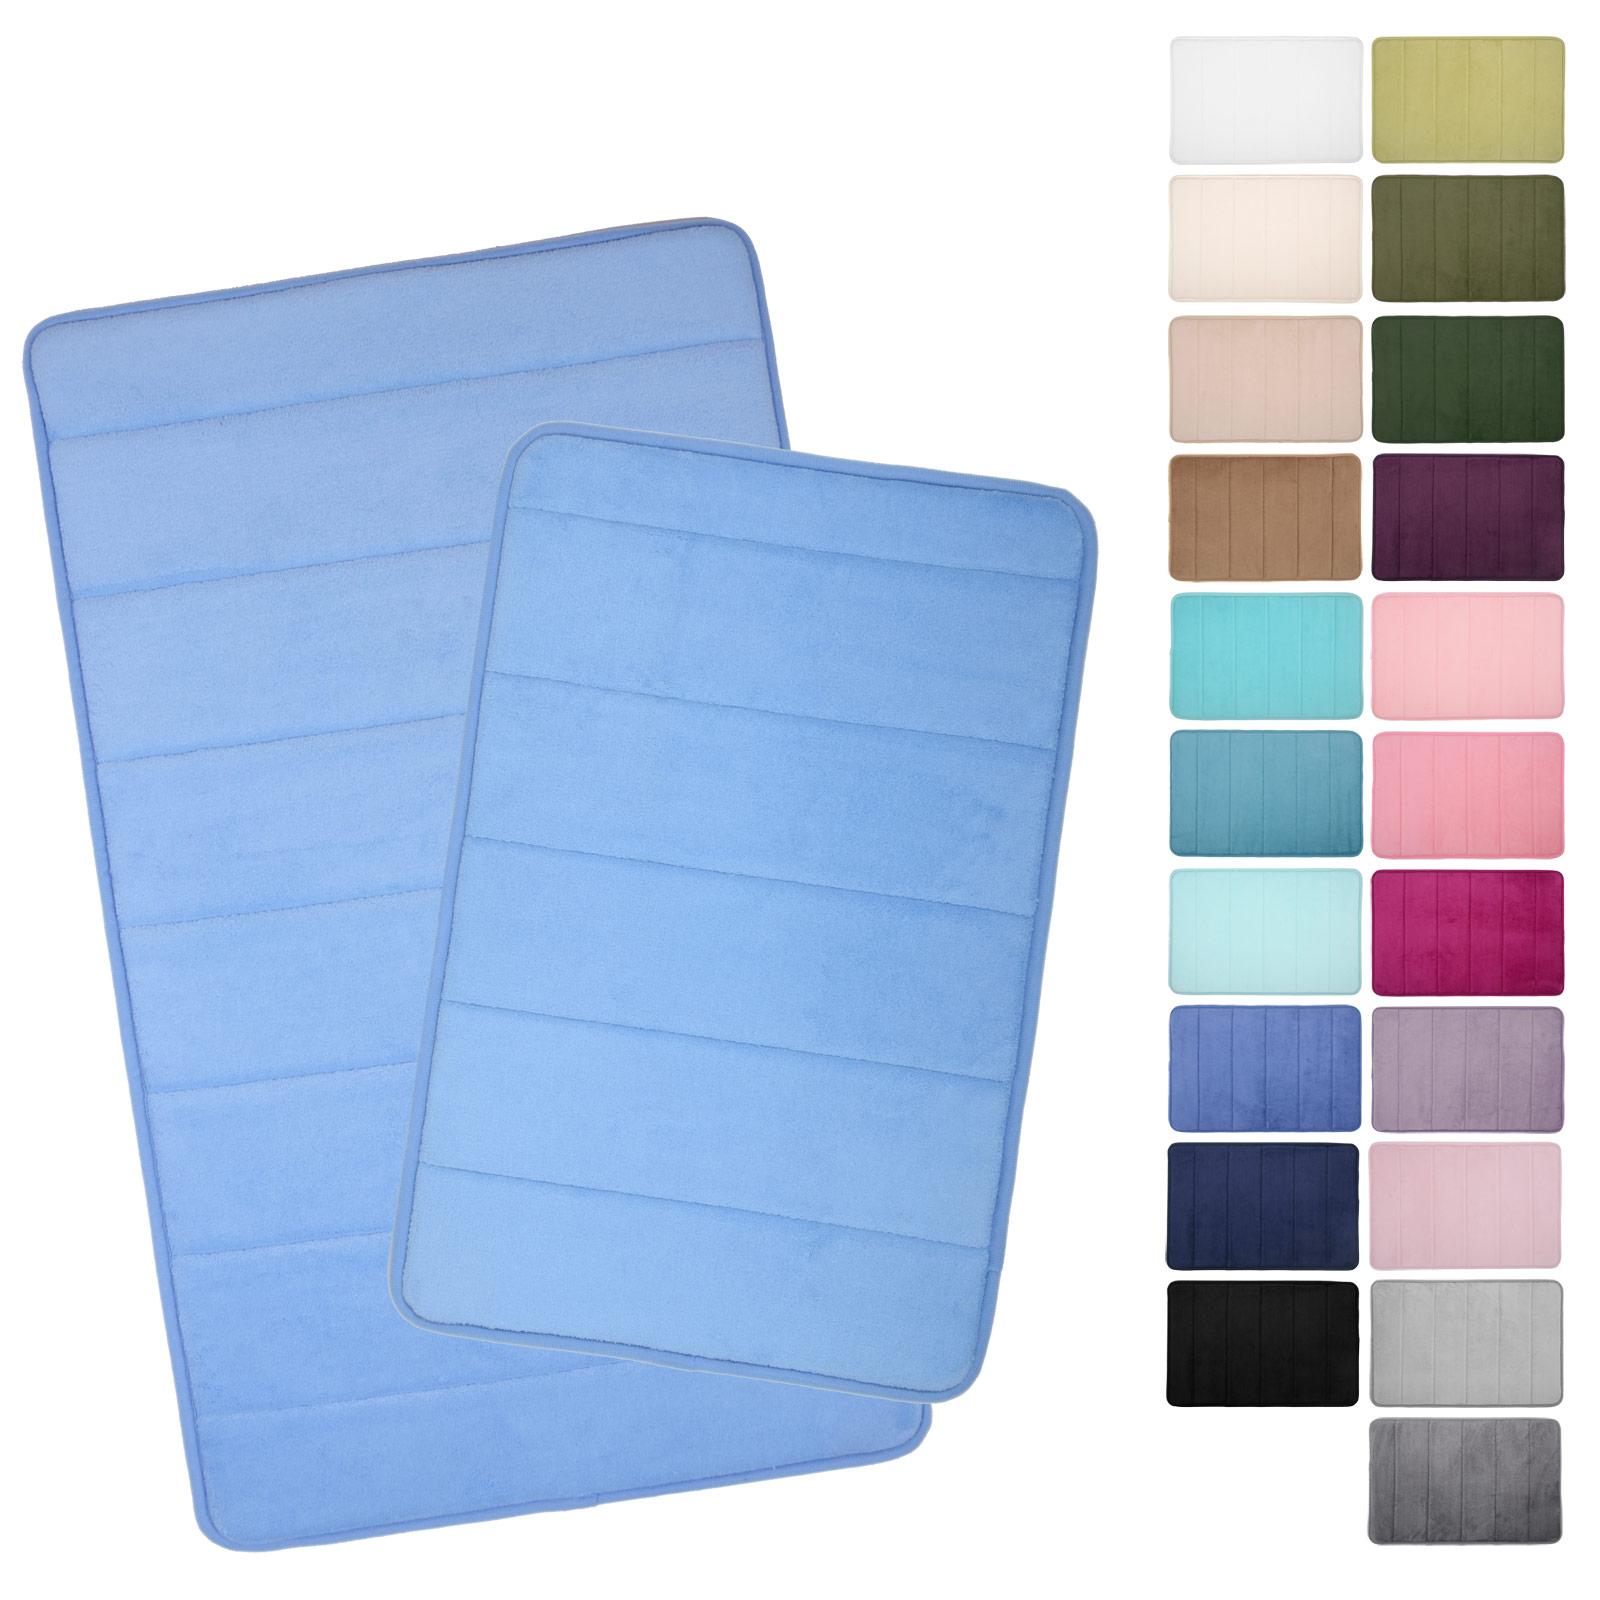 microfibre soft absorbent memory foam bathroom bath mat - 22